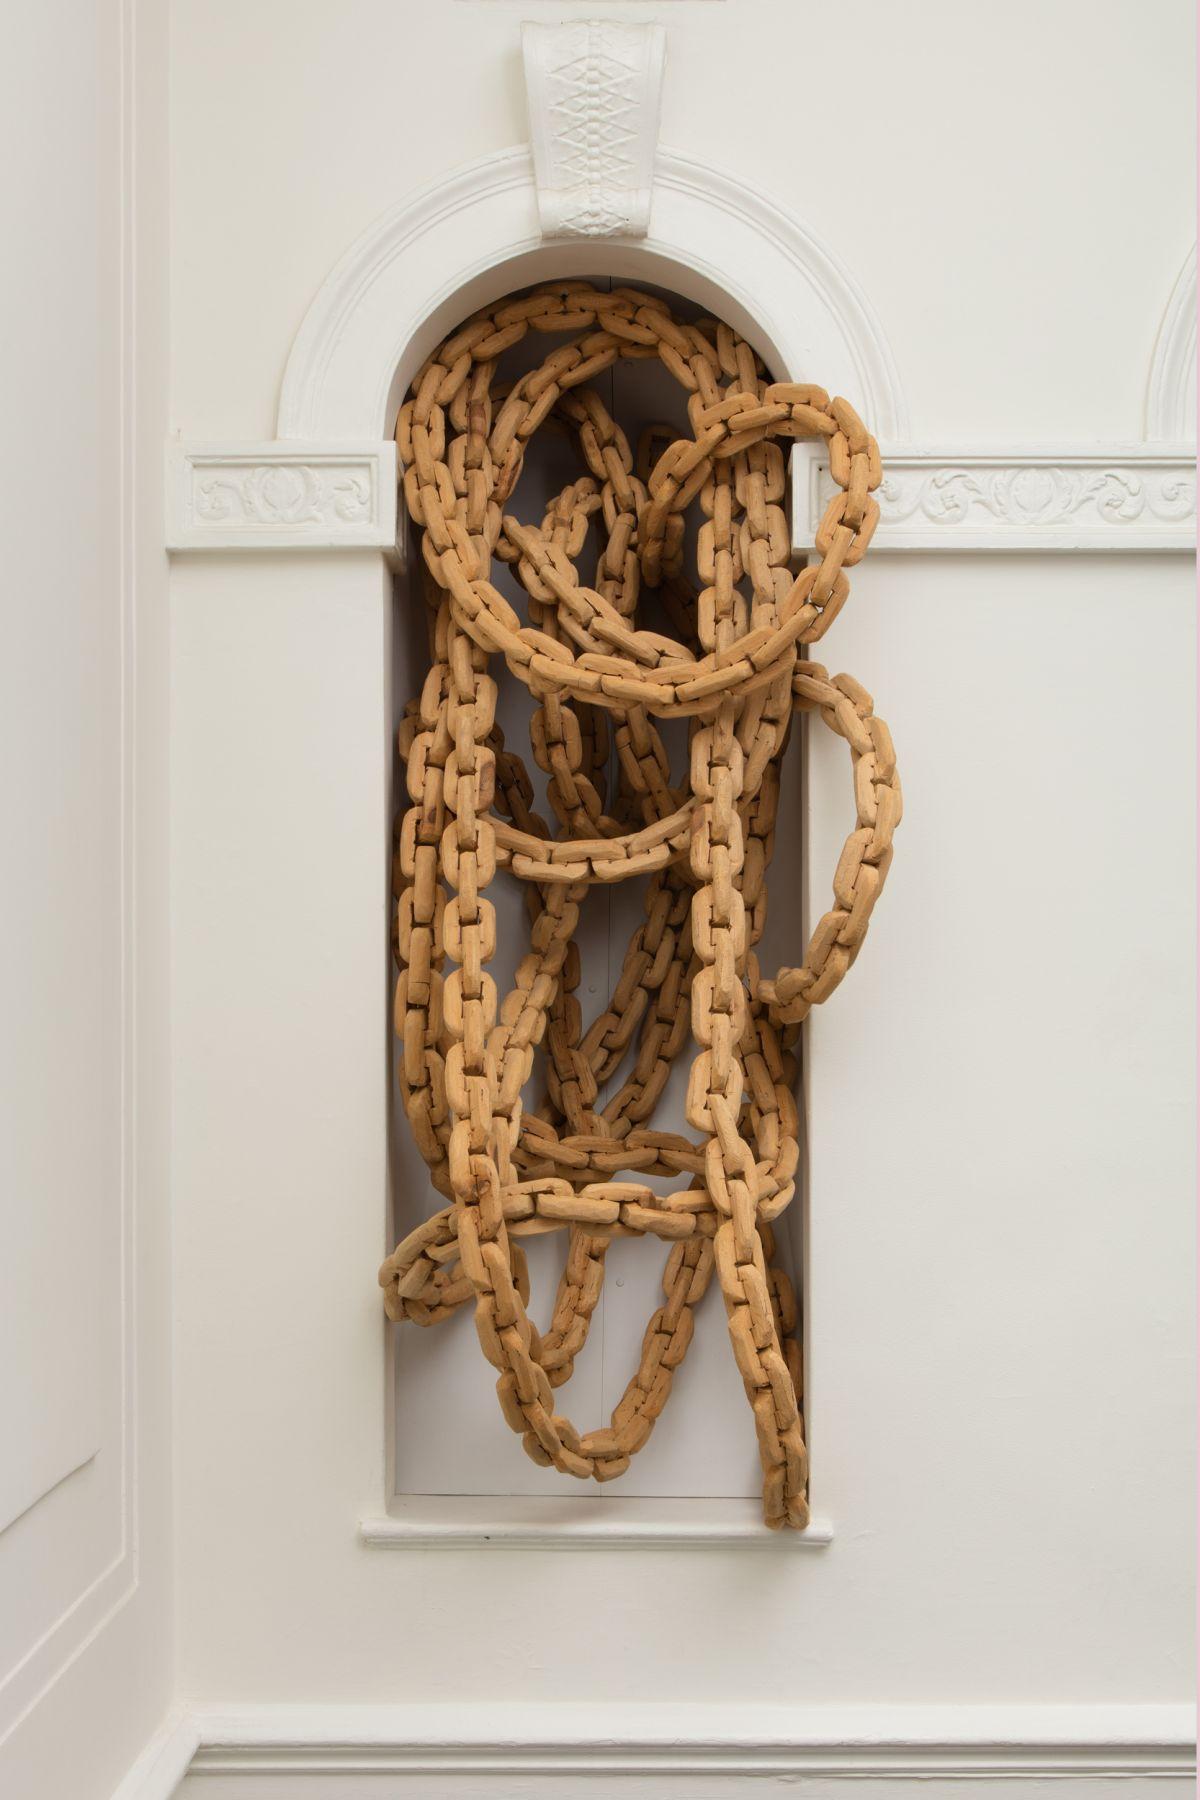 Chains (A),2004 - 2016